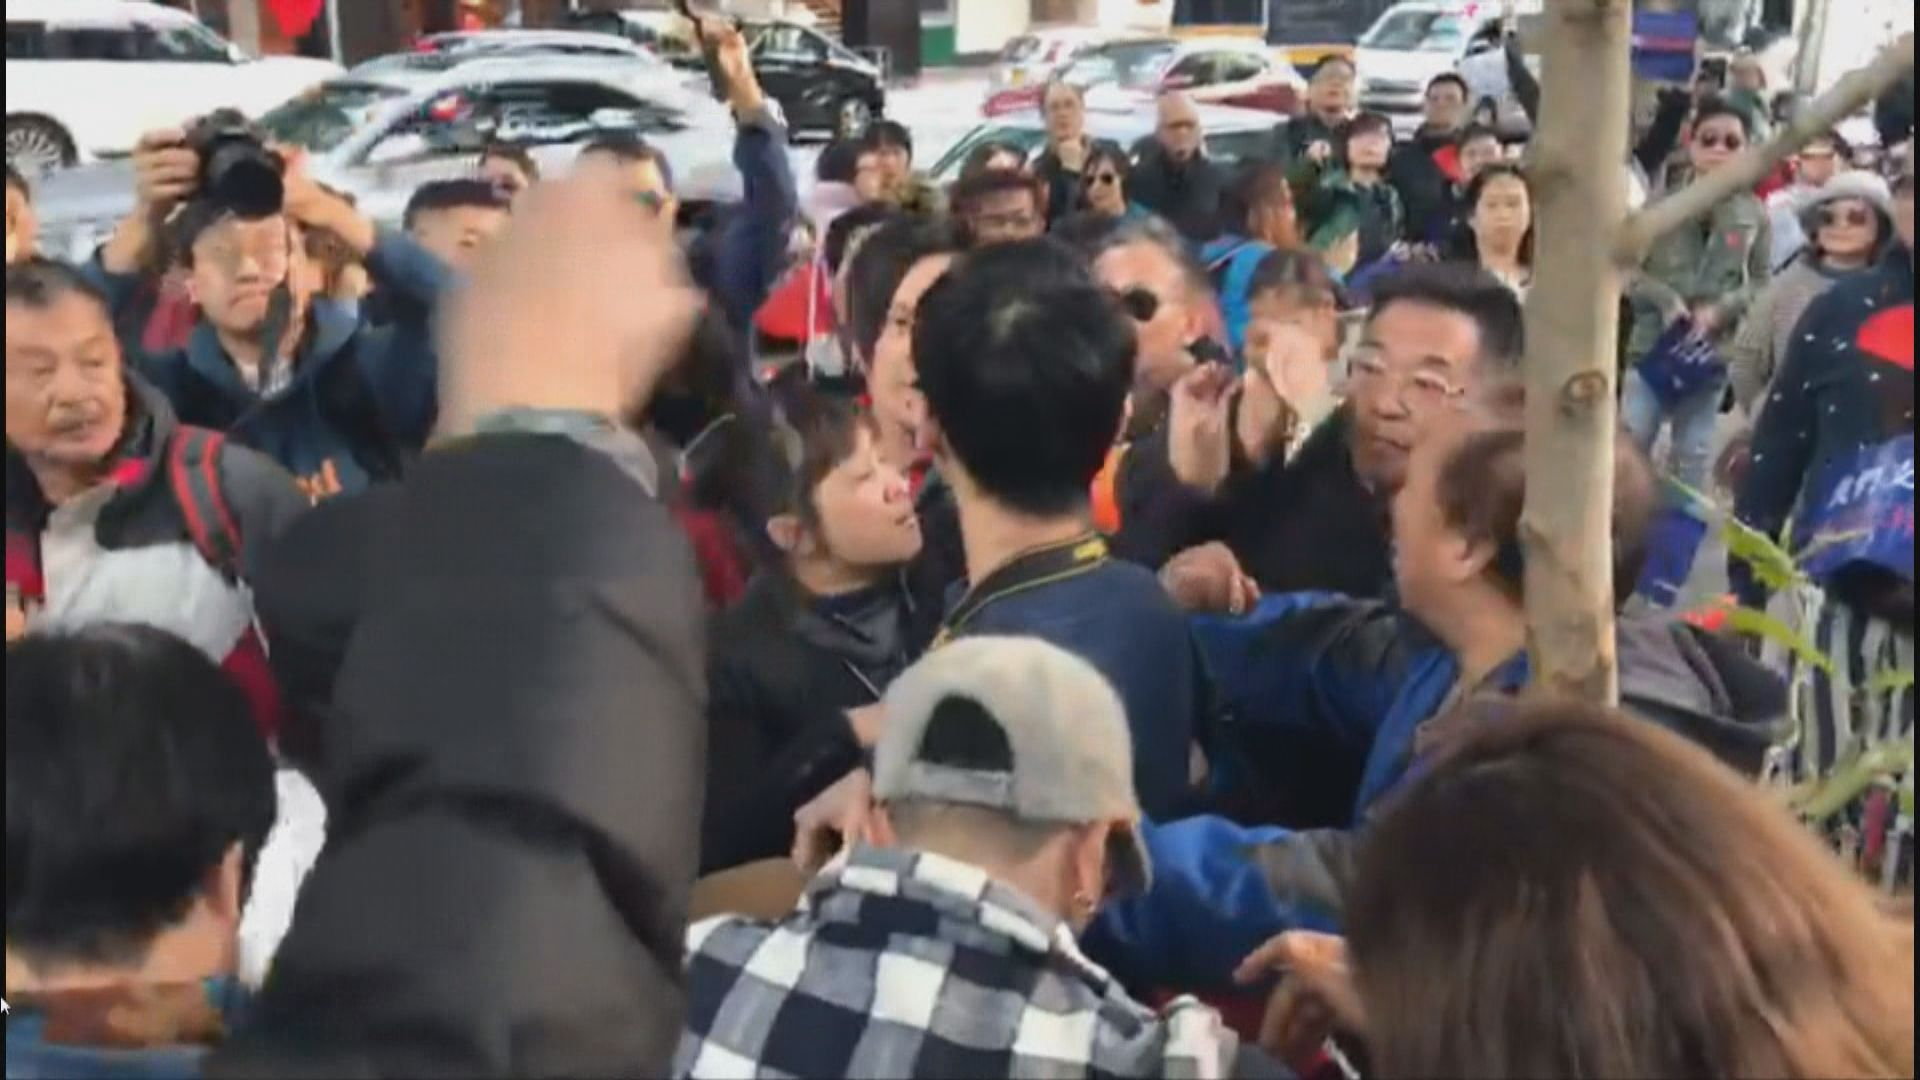 團體舉行集會質疑區選不公 有記者被包圍及指罵